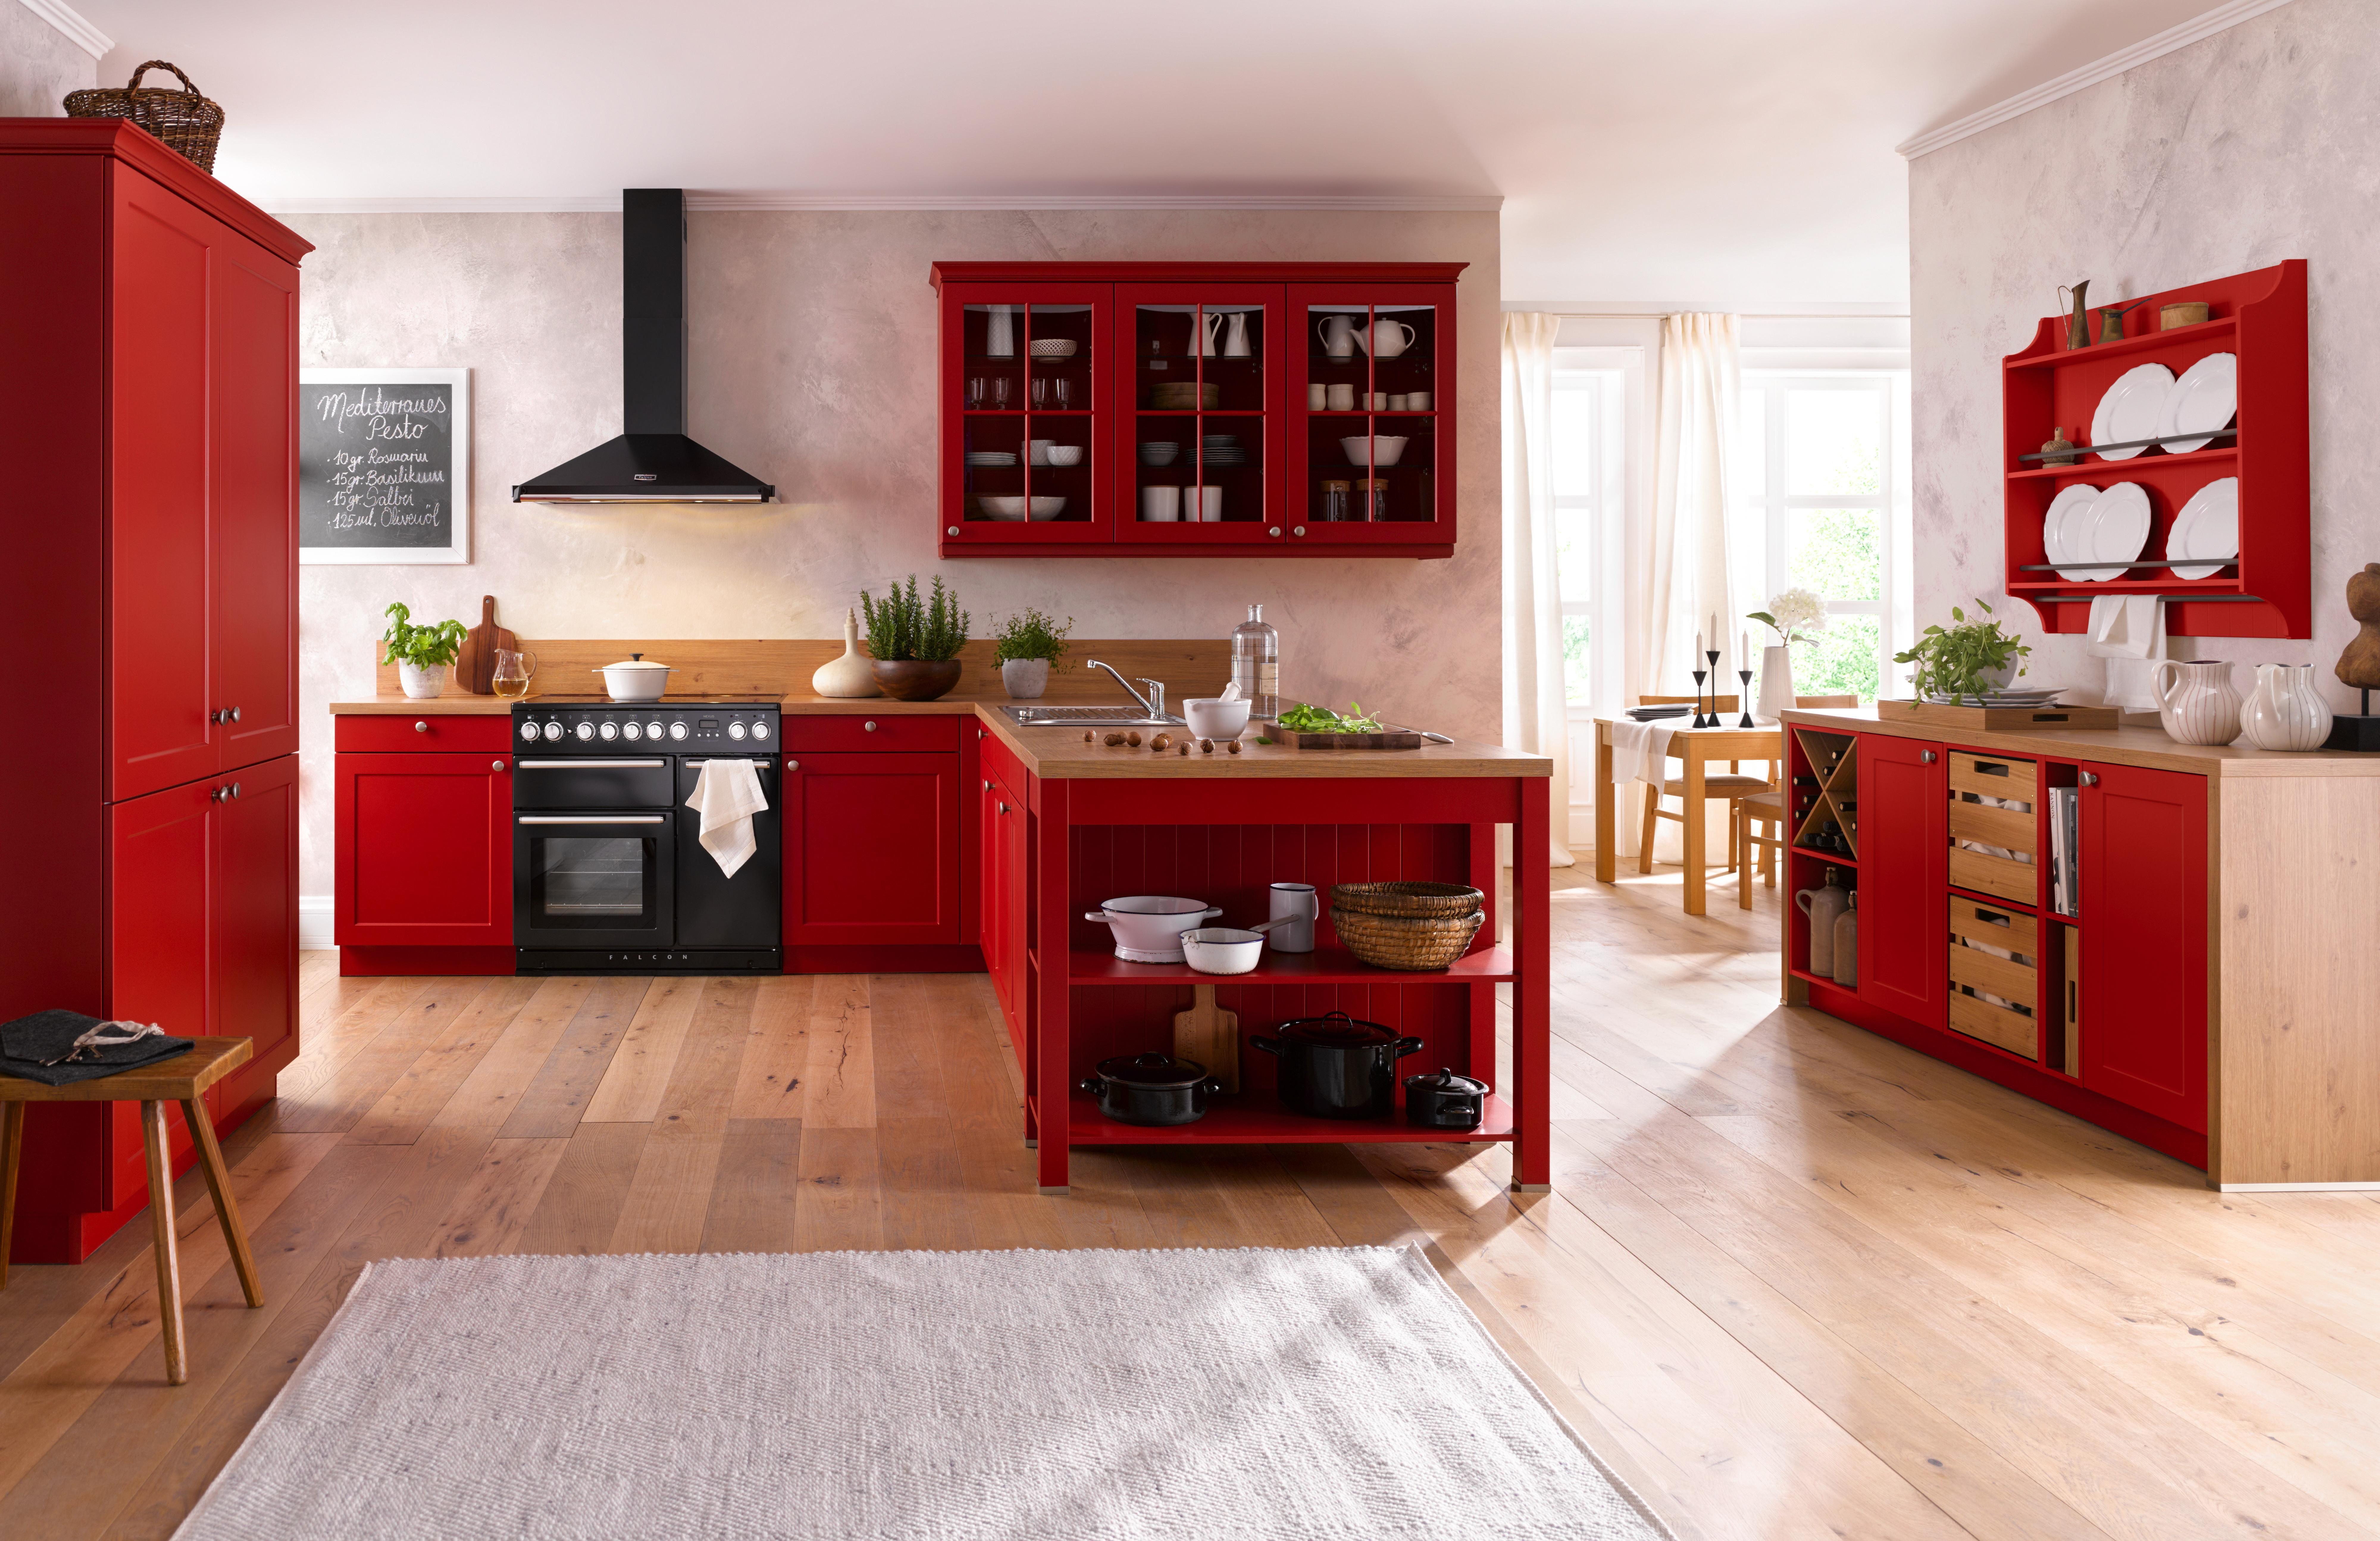 Charmant Weiß Glänzend Küchentüren Wickes Ideen - Küchen Design ...